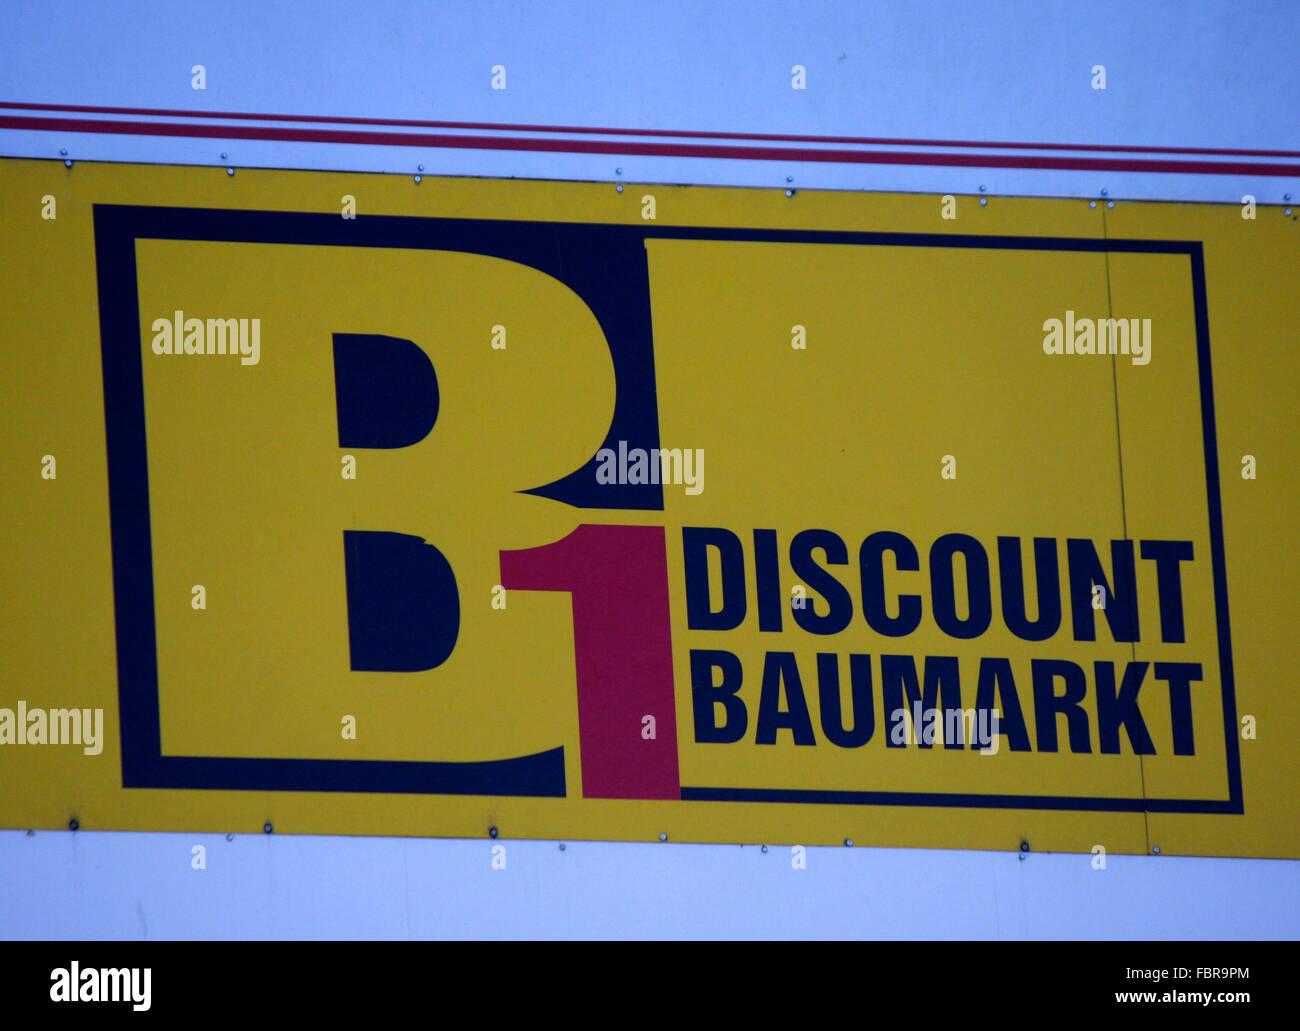 baumarkt berlin mitte awesome kassenkrfte mw fr einen baumarkt gesucht with baumarkt berlin. Black Bedroom Furniture Sets. Home Design Ideas